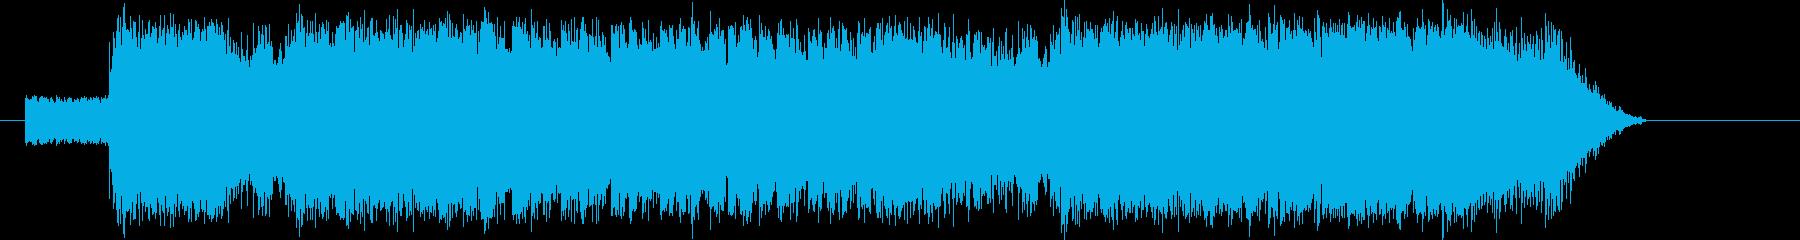 エレキギターがパワフルなバトル系BGMの再生済みの波形